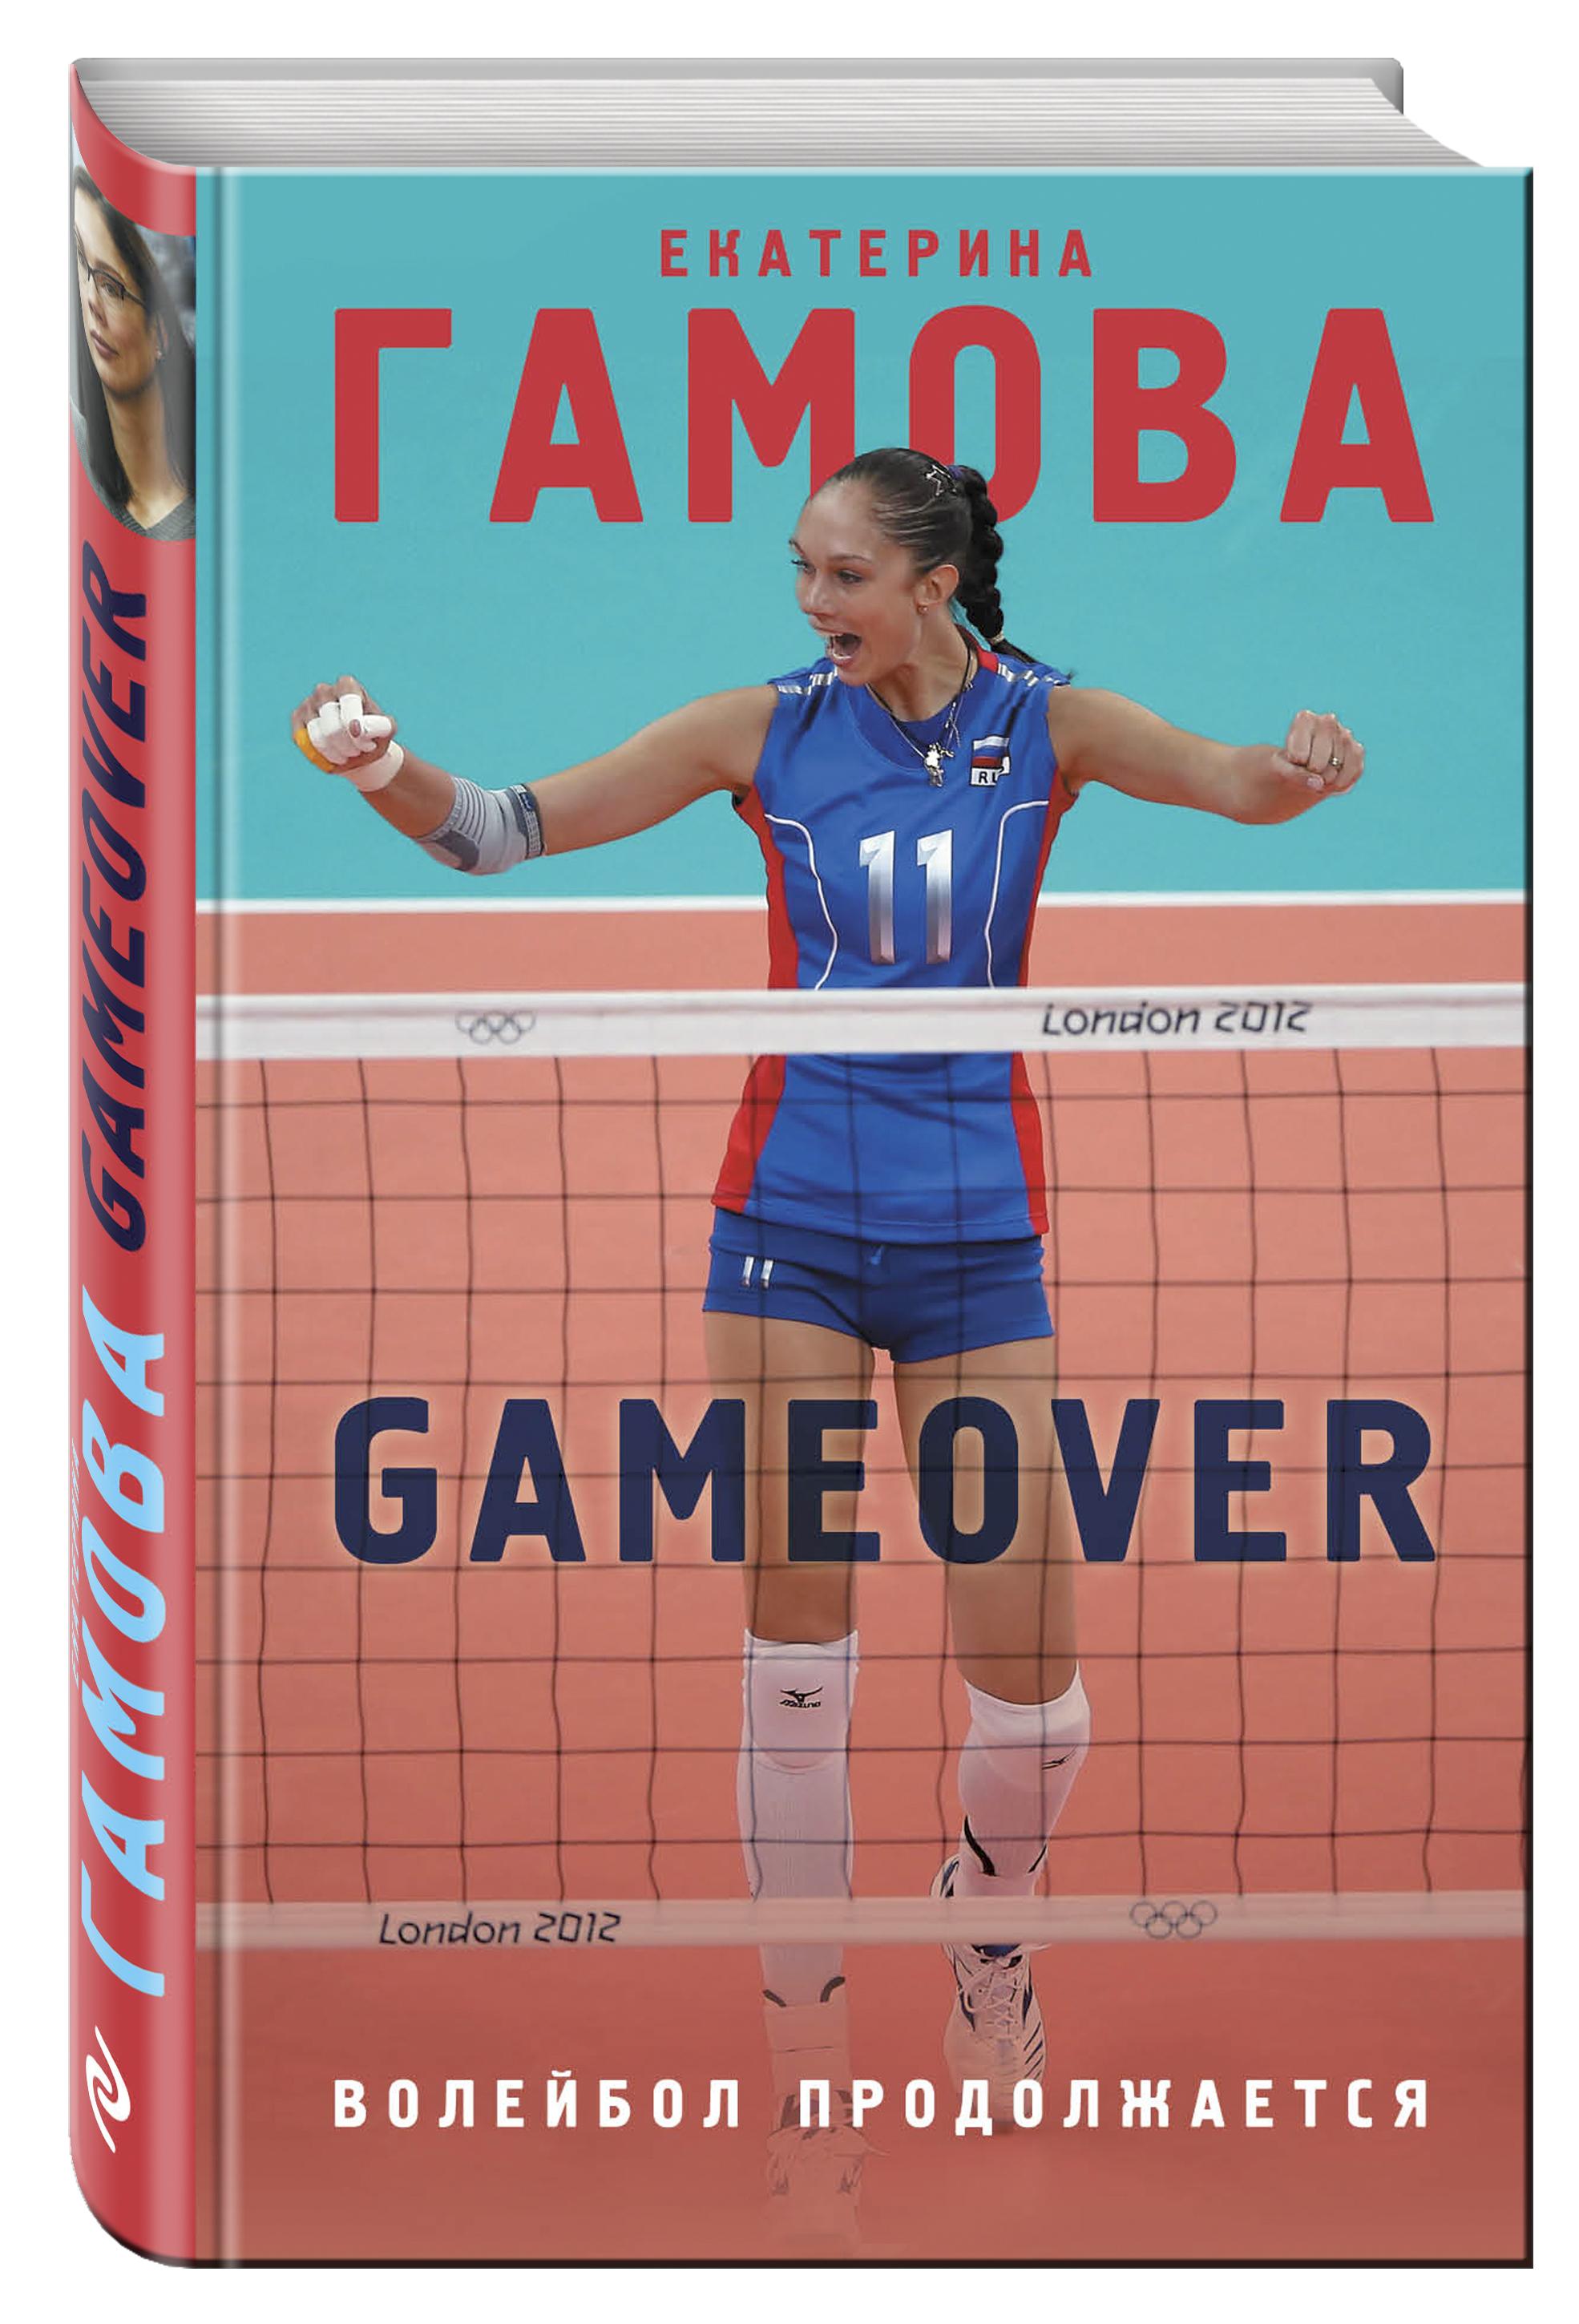 Гамова Е.А. Game Over. Волейбол продолжается книга мастеров